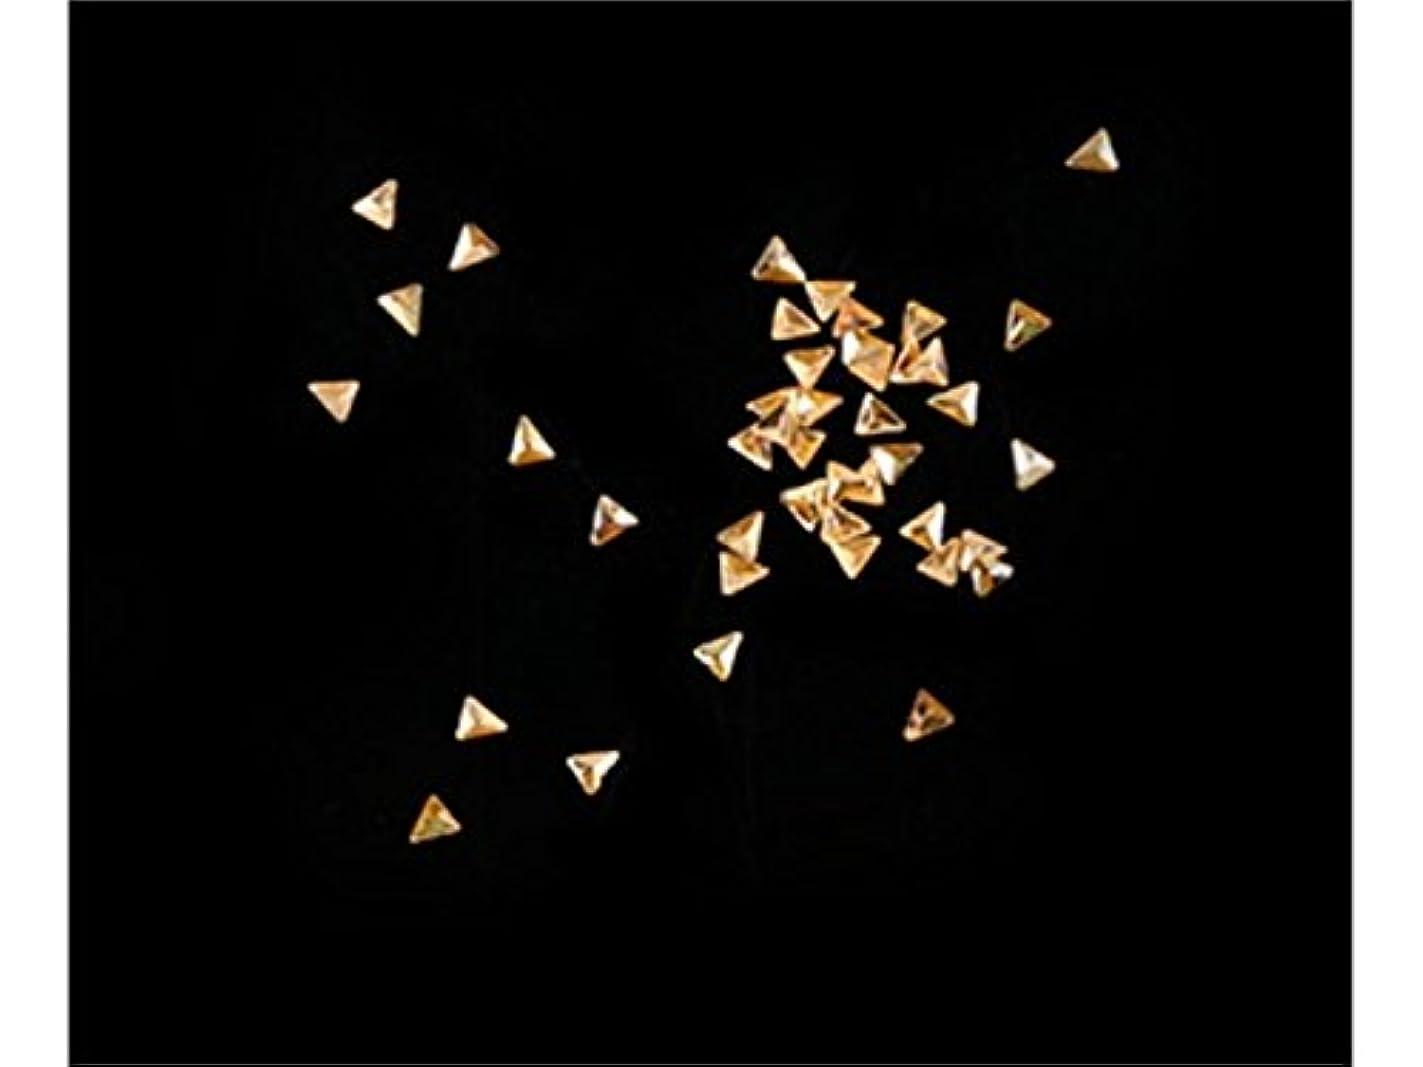 葉を拾う連続したスコットランド人Osize Giltterスタームーンリベット混合ストリップストライプネイルアートステッカーデカールアクセサリーマニキュアDIYツール(ゴールデン)